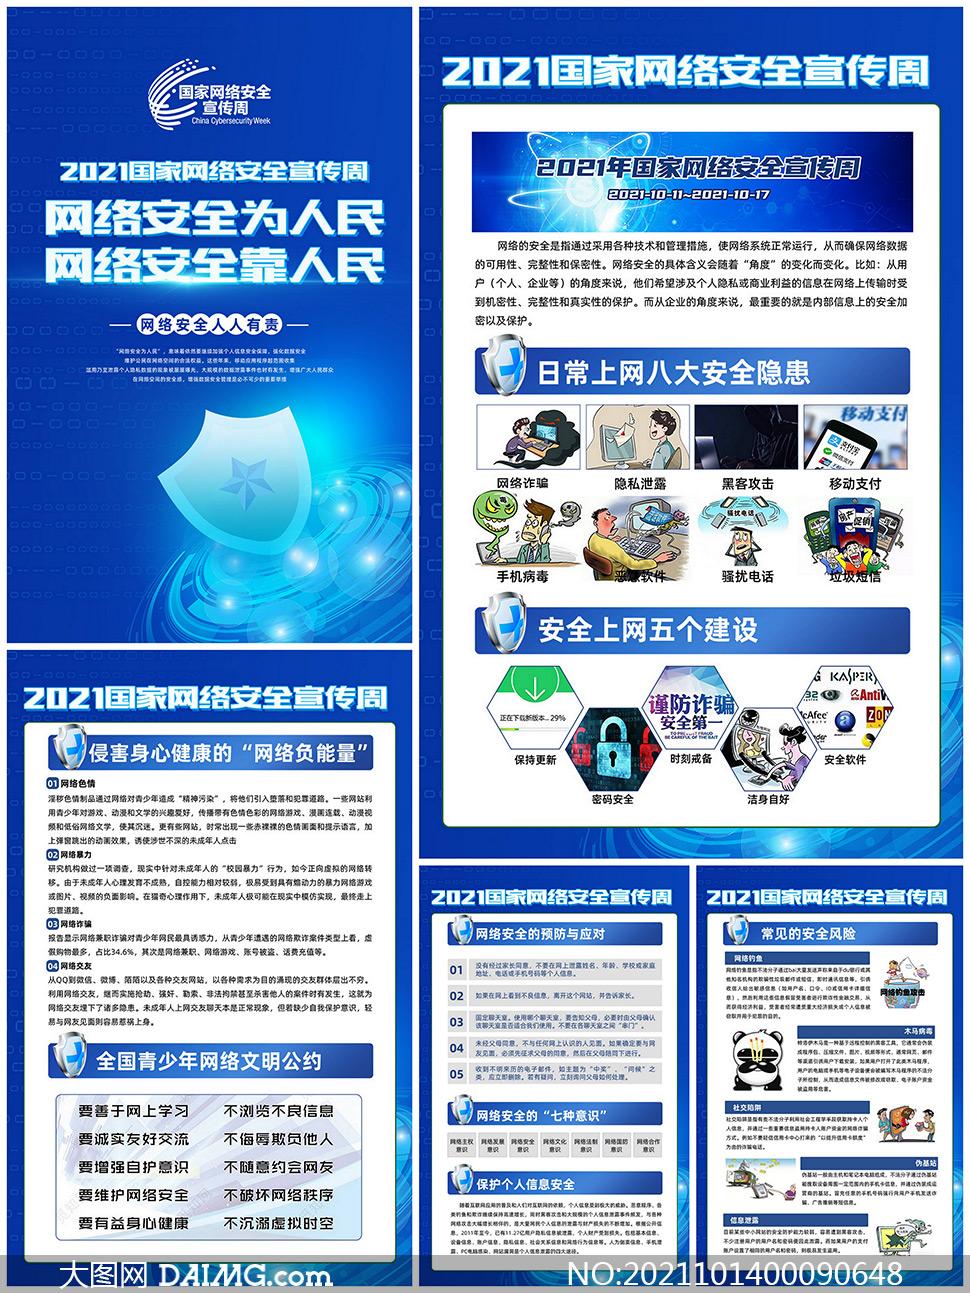 2021年国家网络安全宣传周挂图展板设计